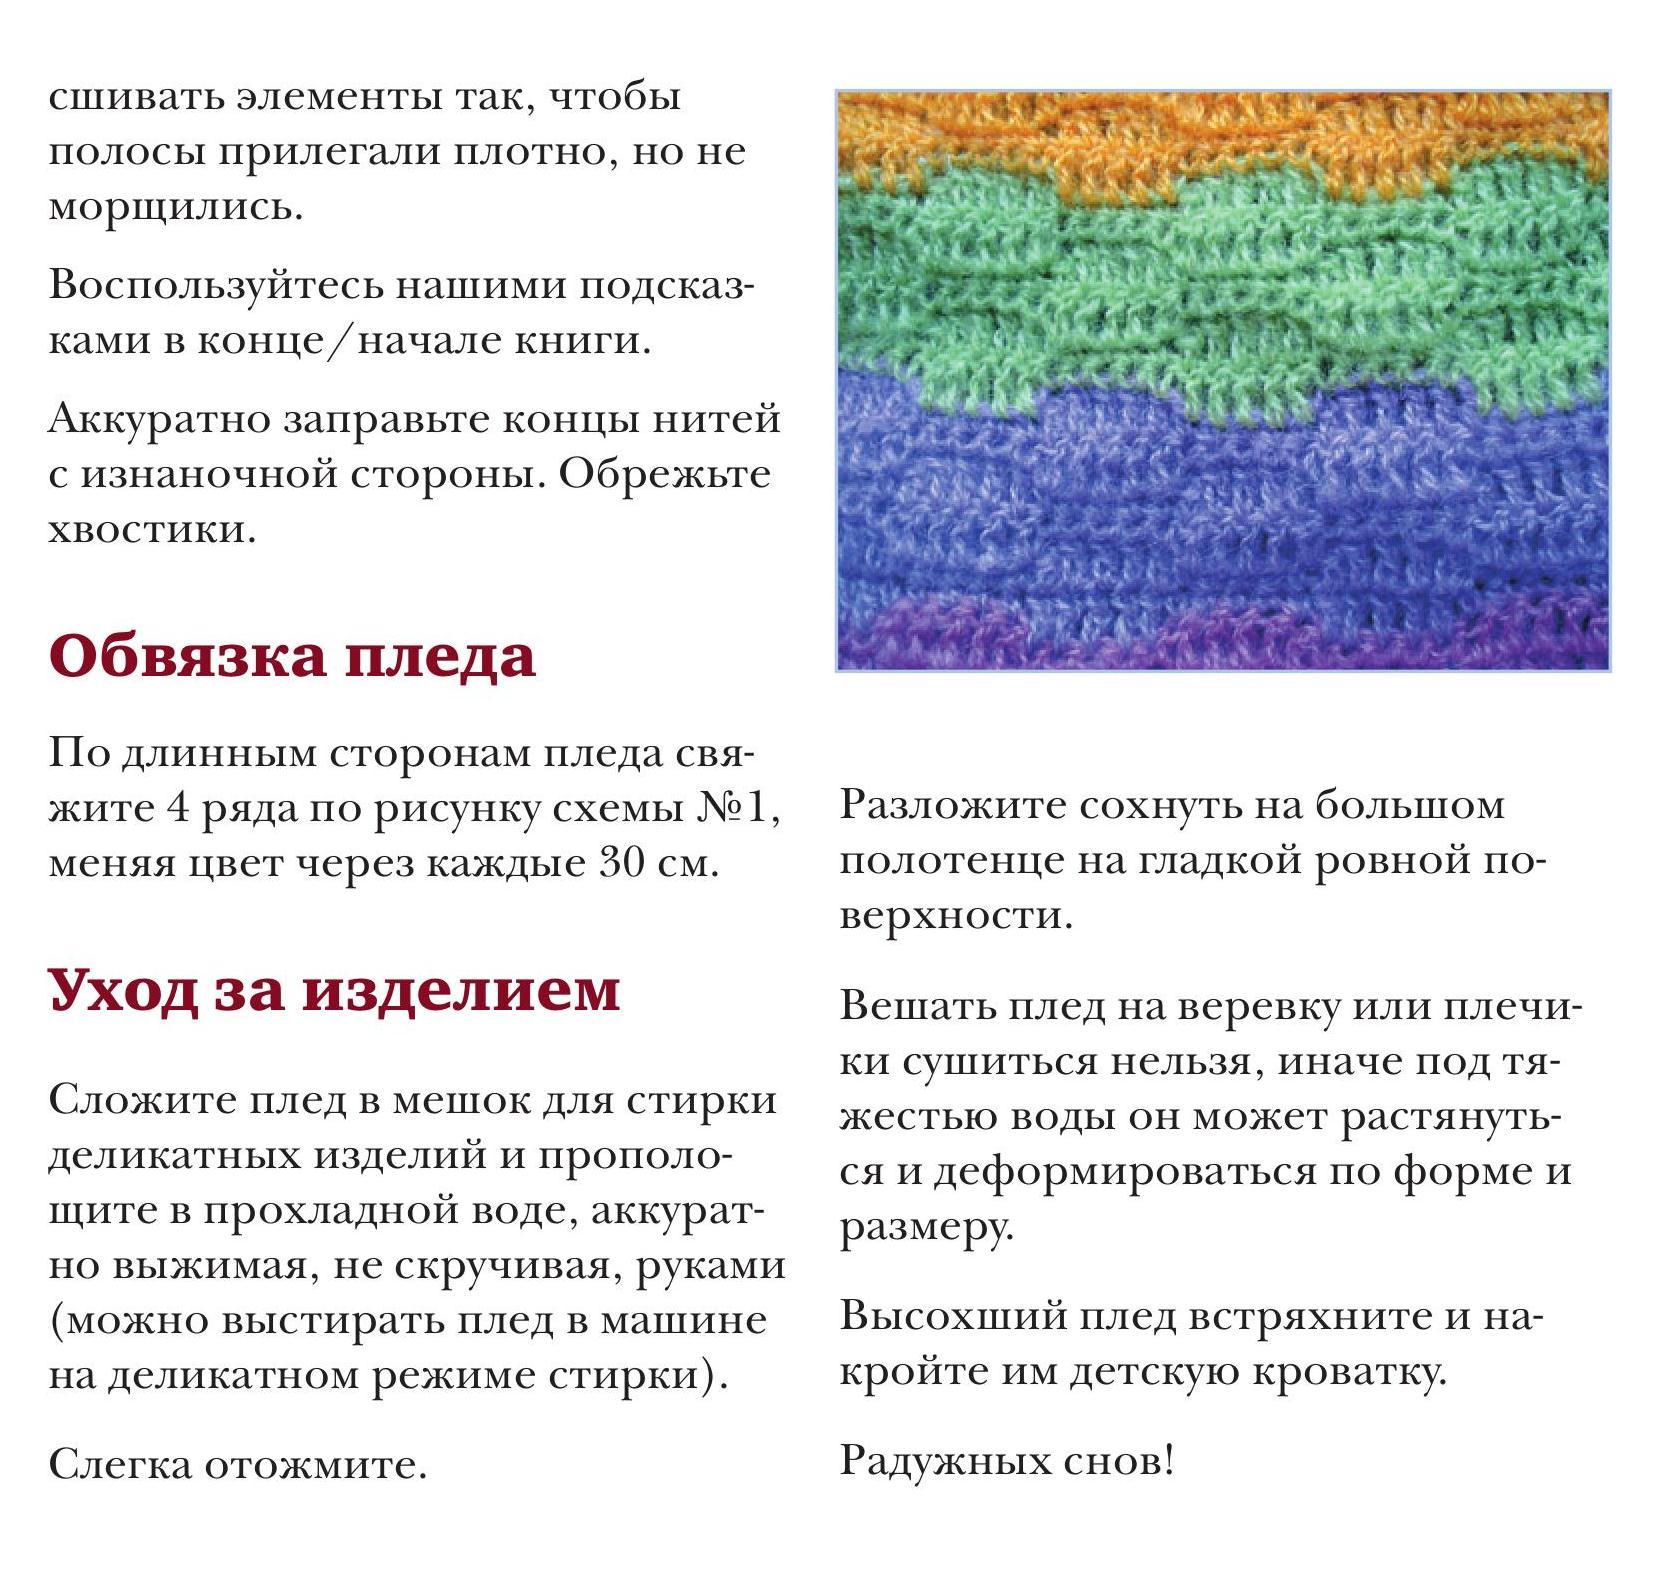 Stilnkri_40_6